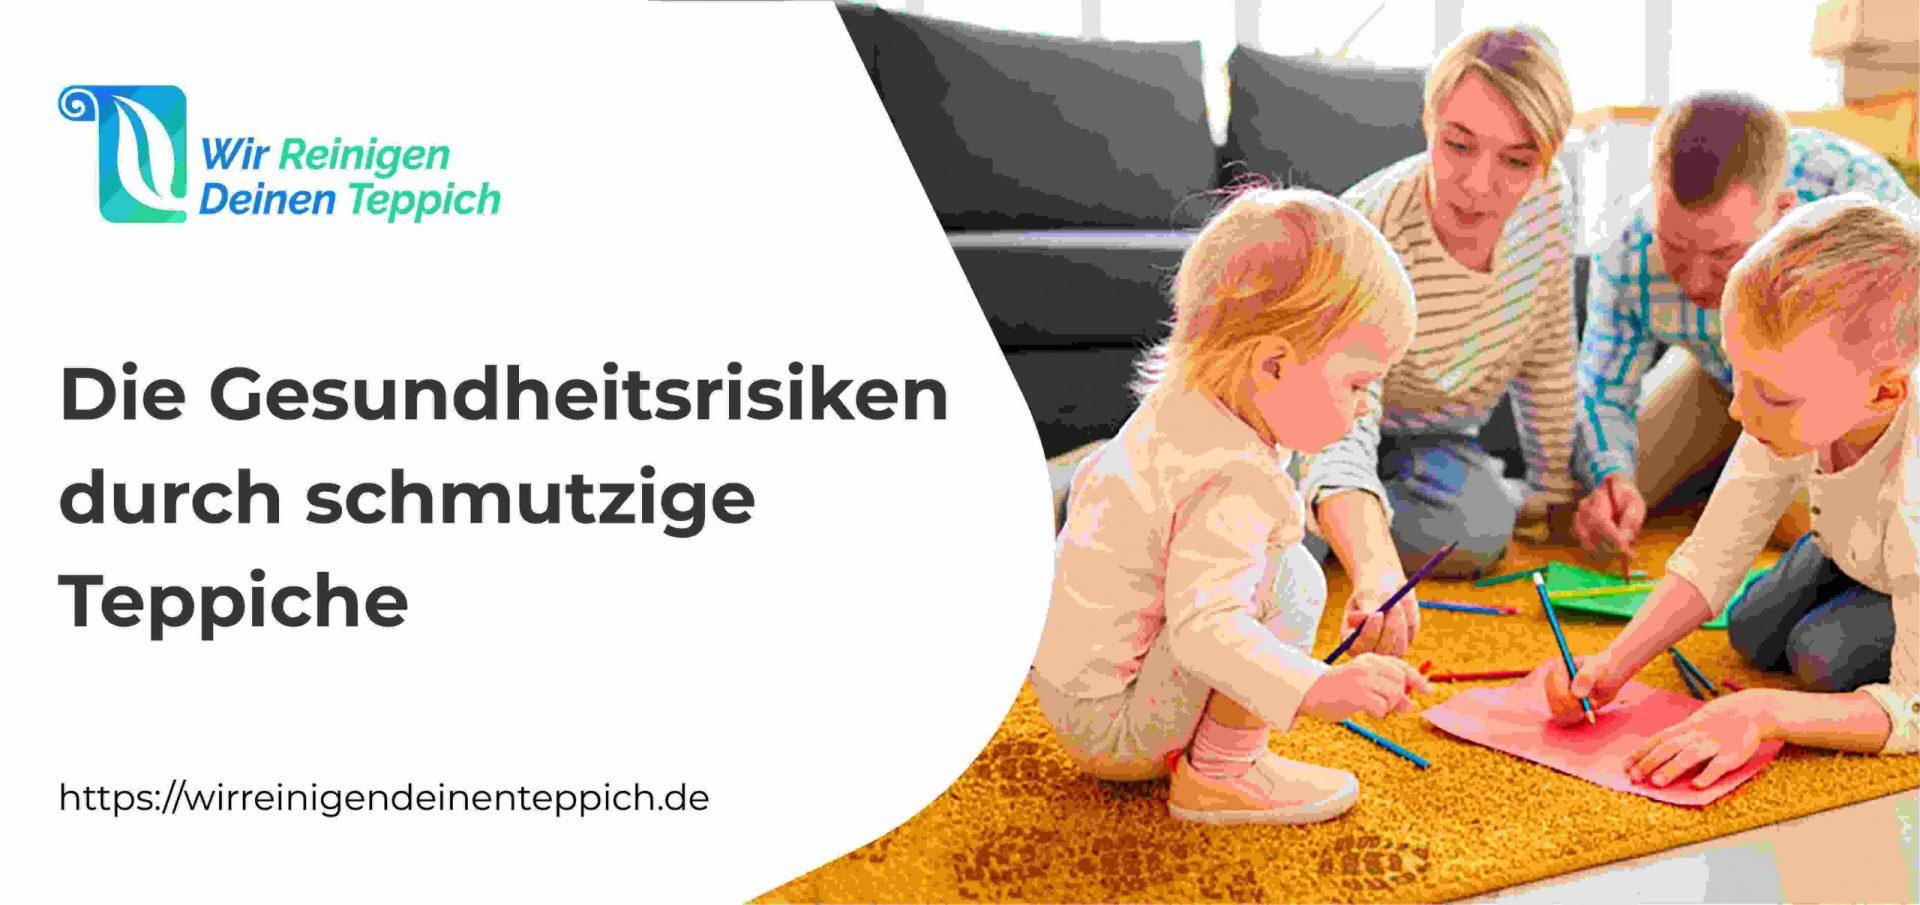 Die Gesundheitsrisiken durch schmutzige Teppiche